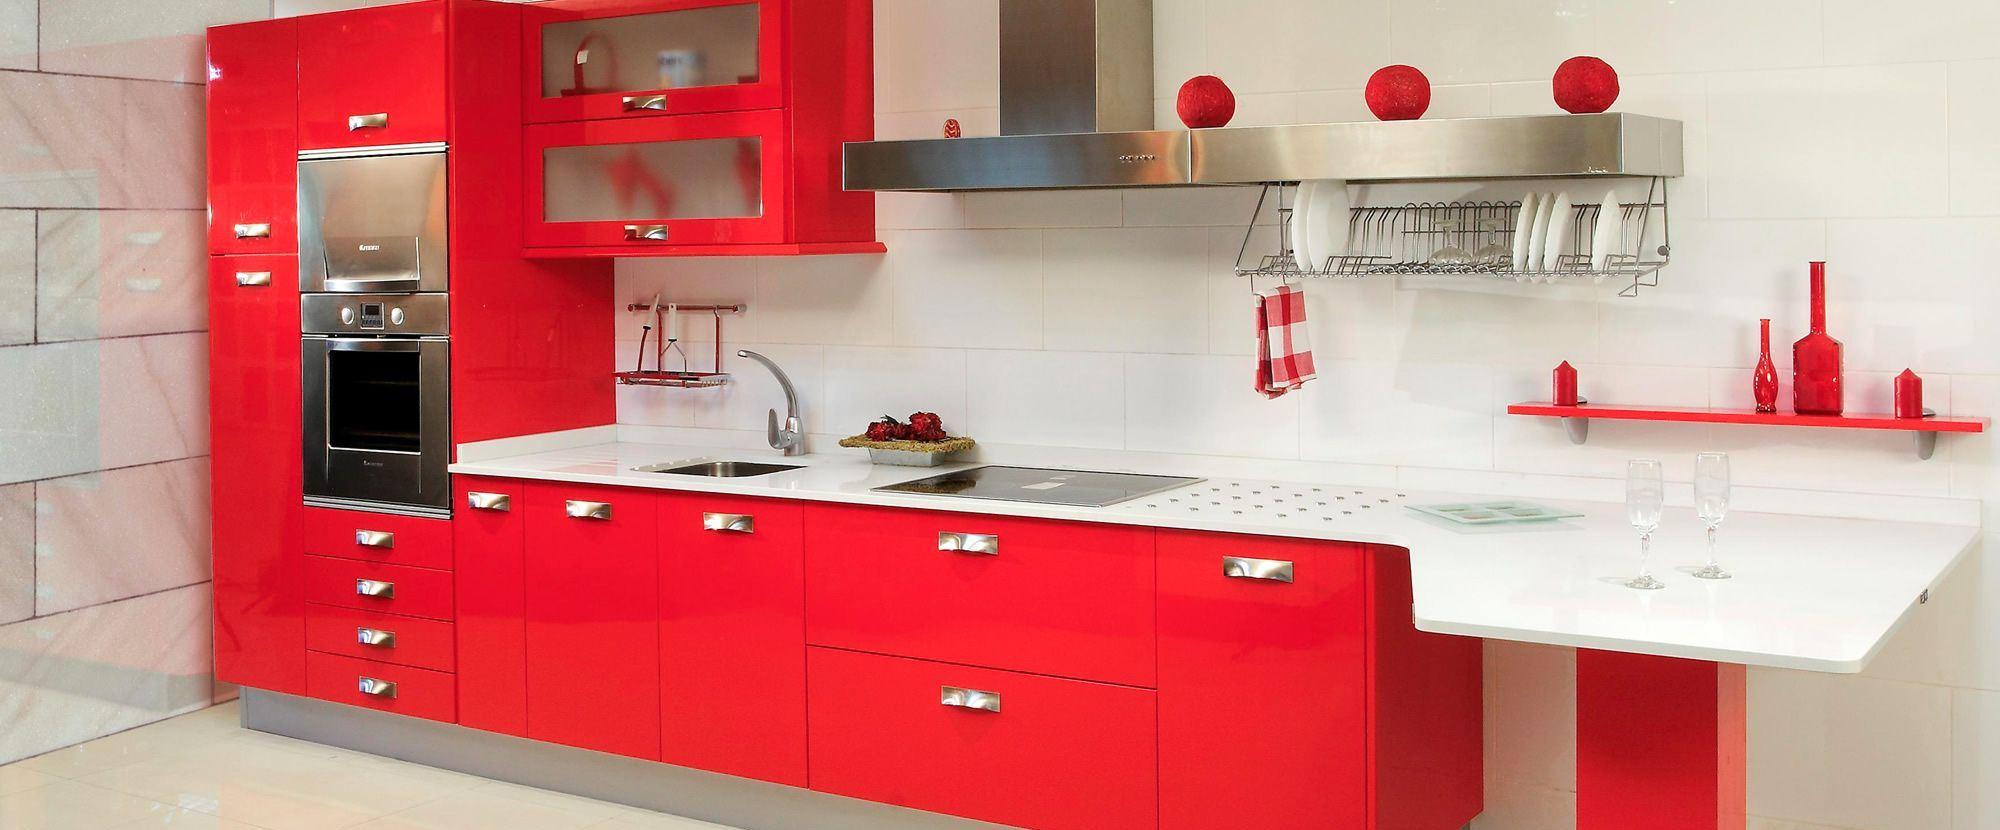 Кухня красная от мебельной фабрики